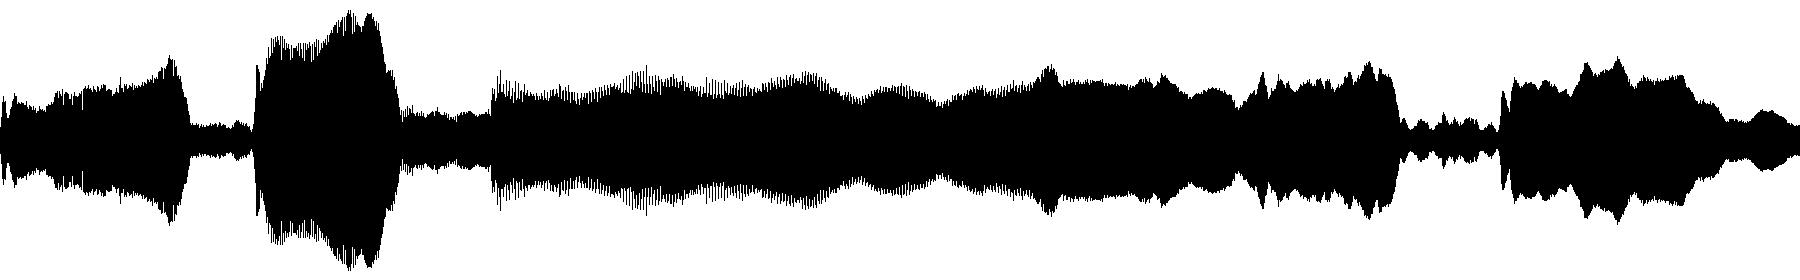 knlilium acapellaelfen lied op